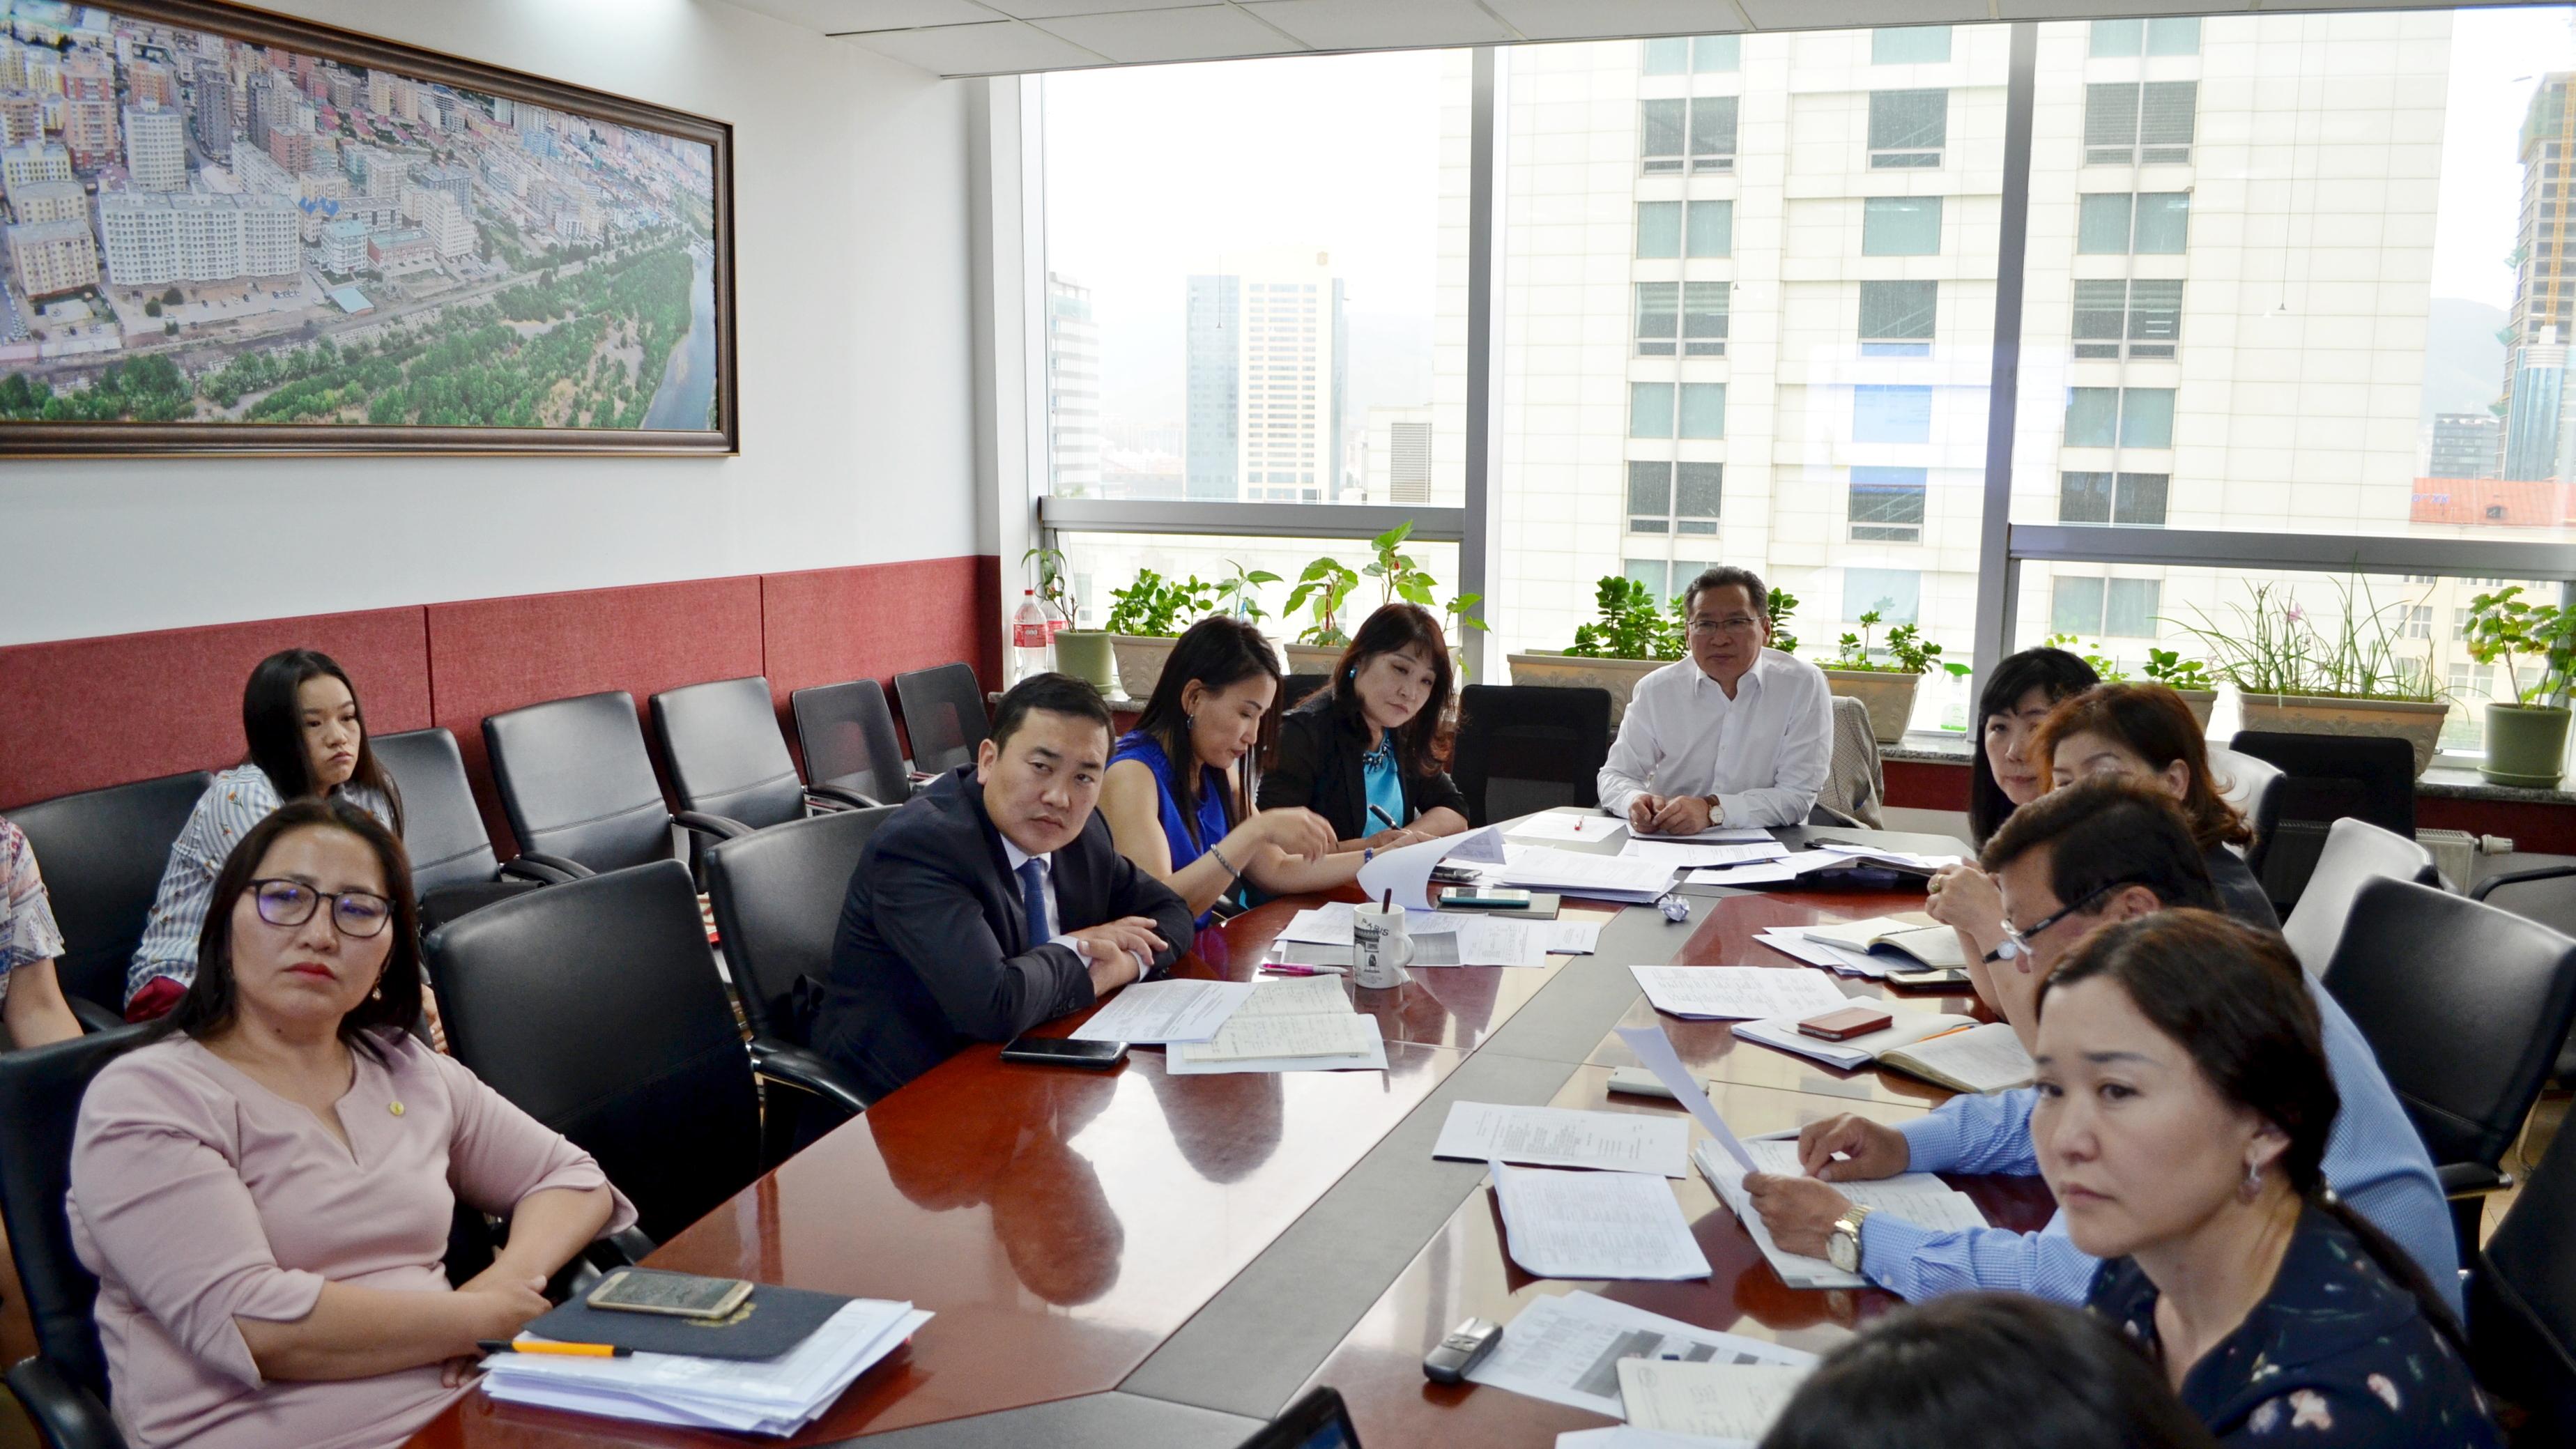 Улаанбаатар хотын Ерөнхий менежерийн зөвлөлийн ээлжит хурал боллоо